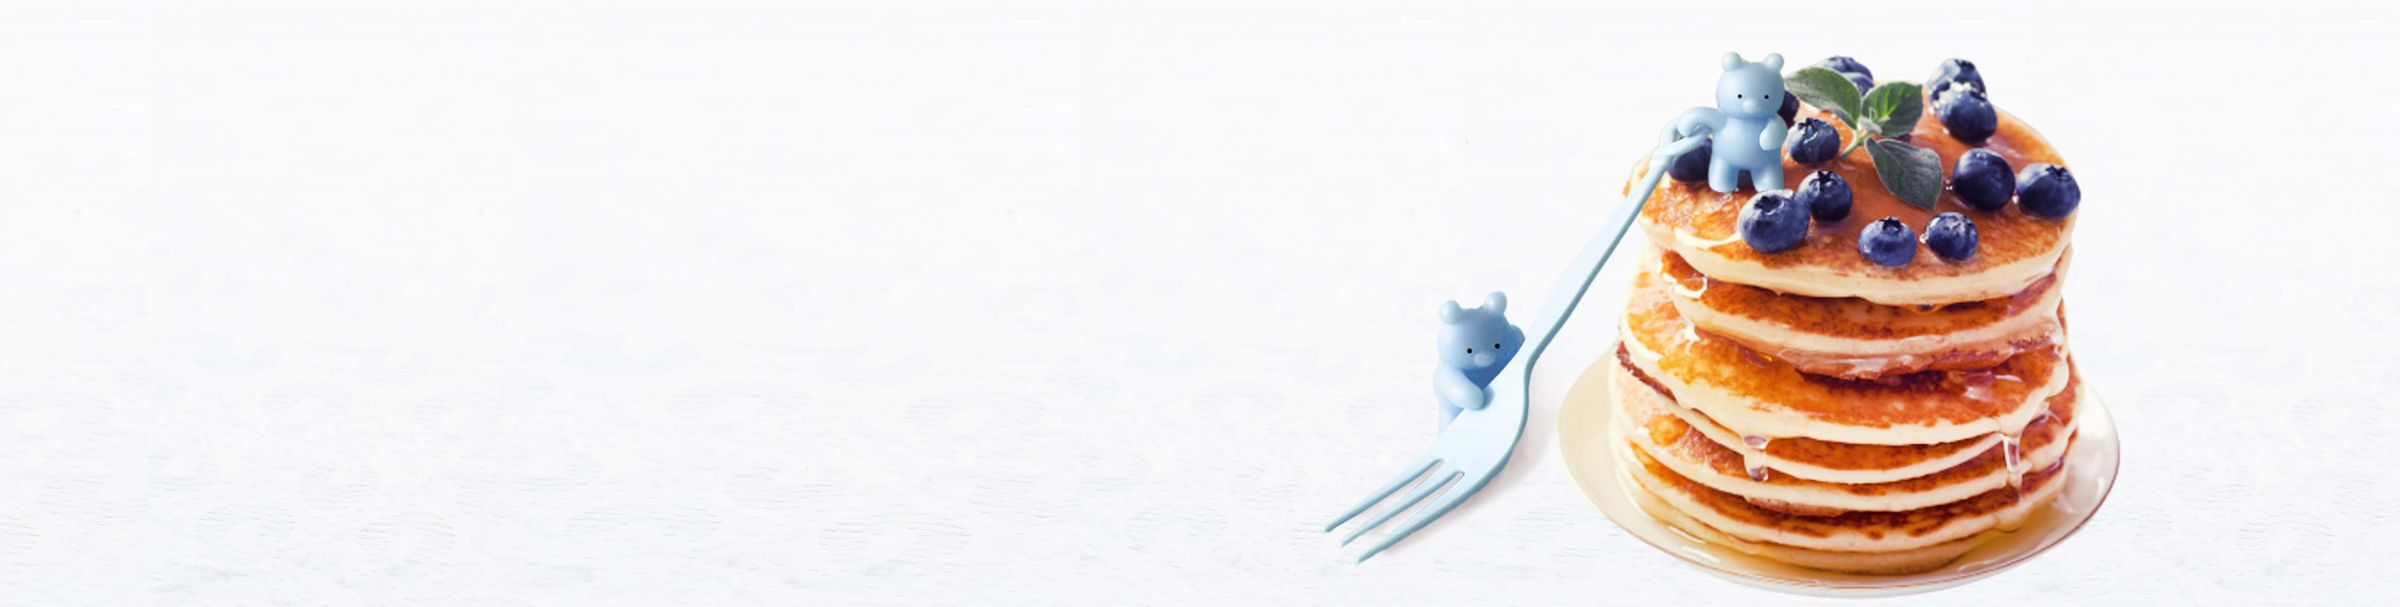 원형 디저트 포크 샐러드, 머핀, 케이크, 1인분